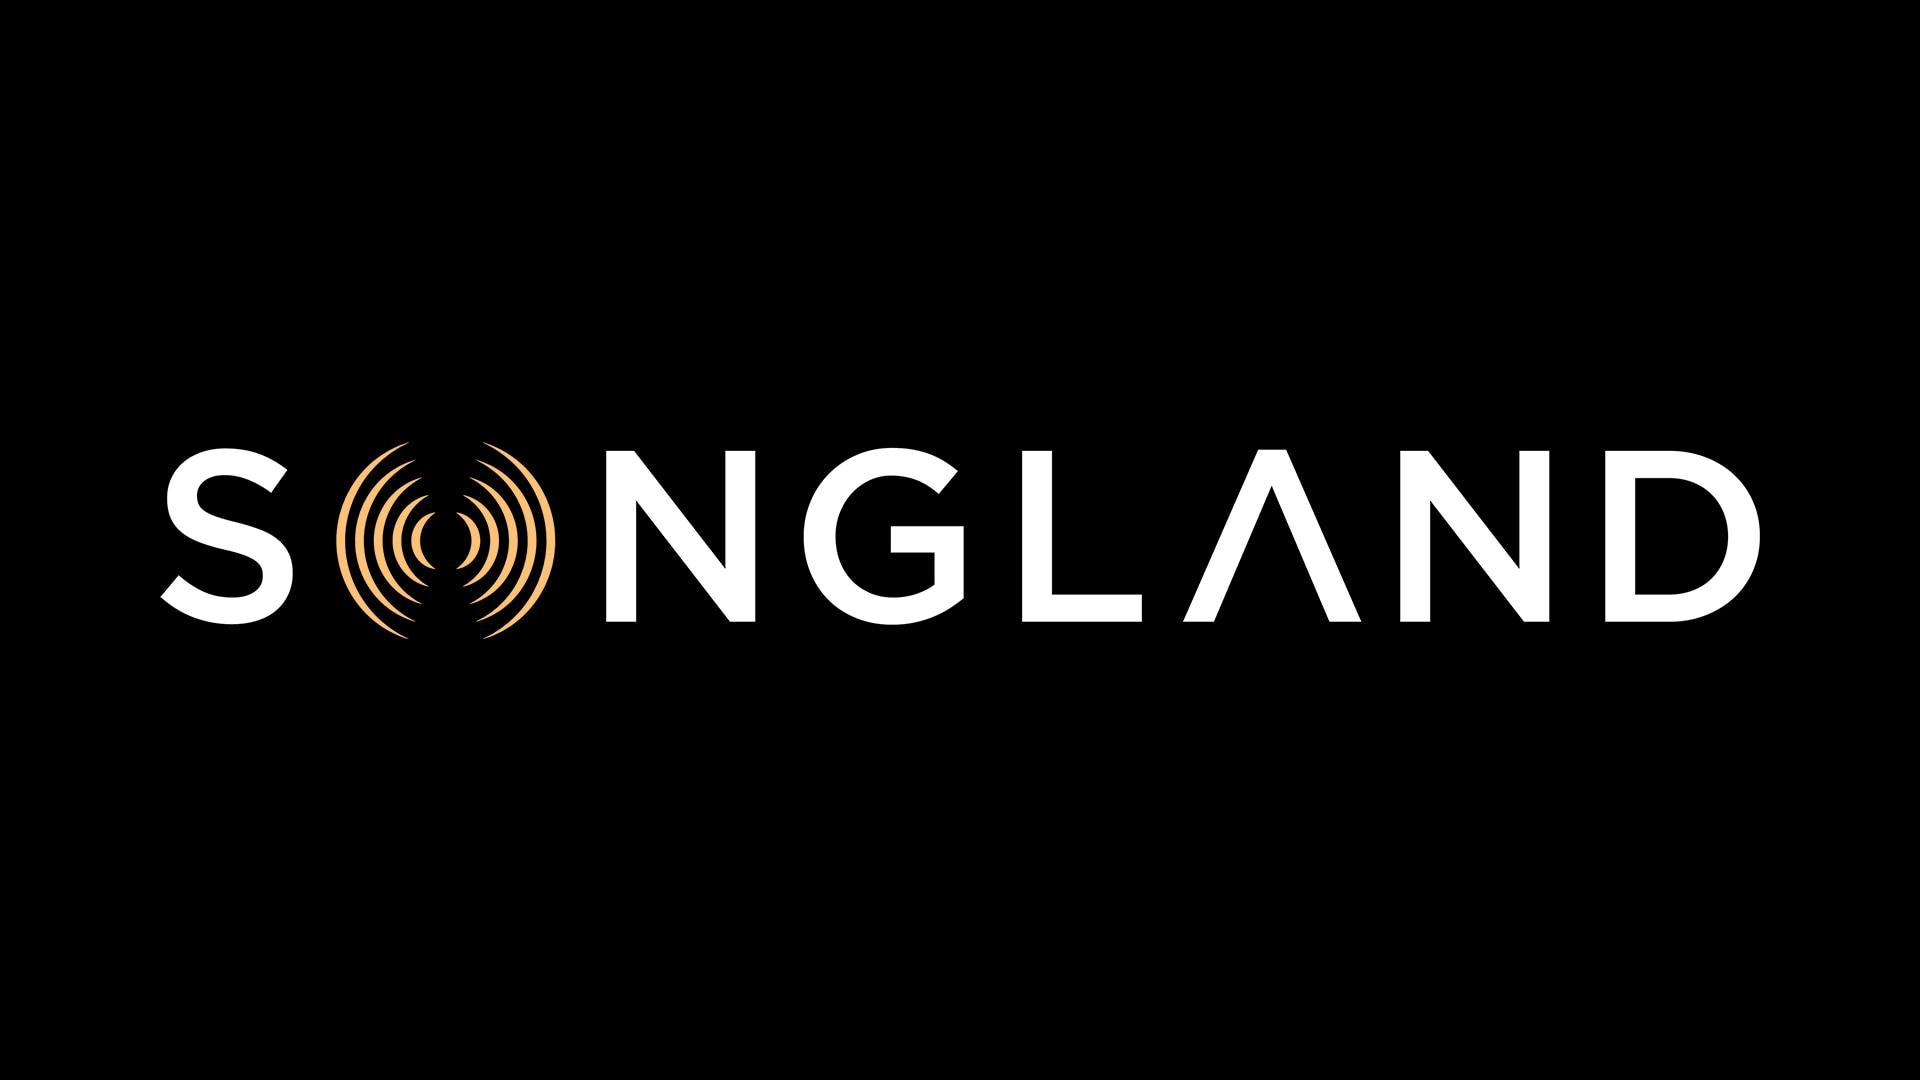 Songland - NBC com